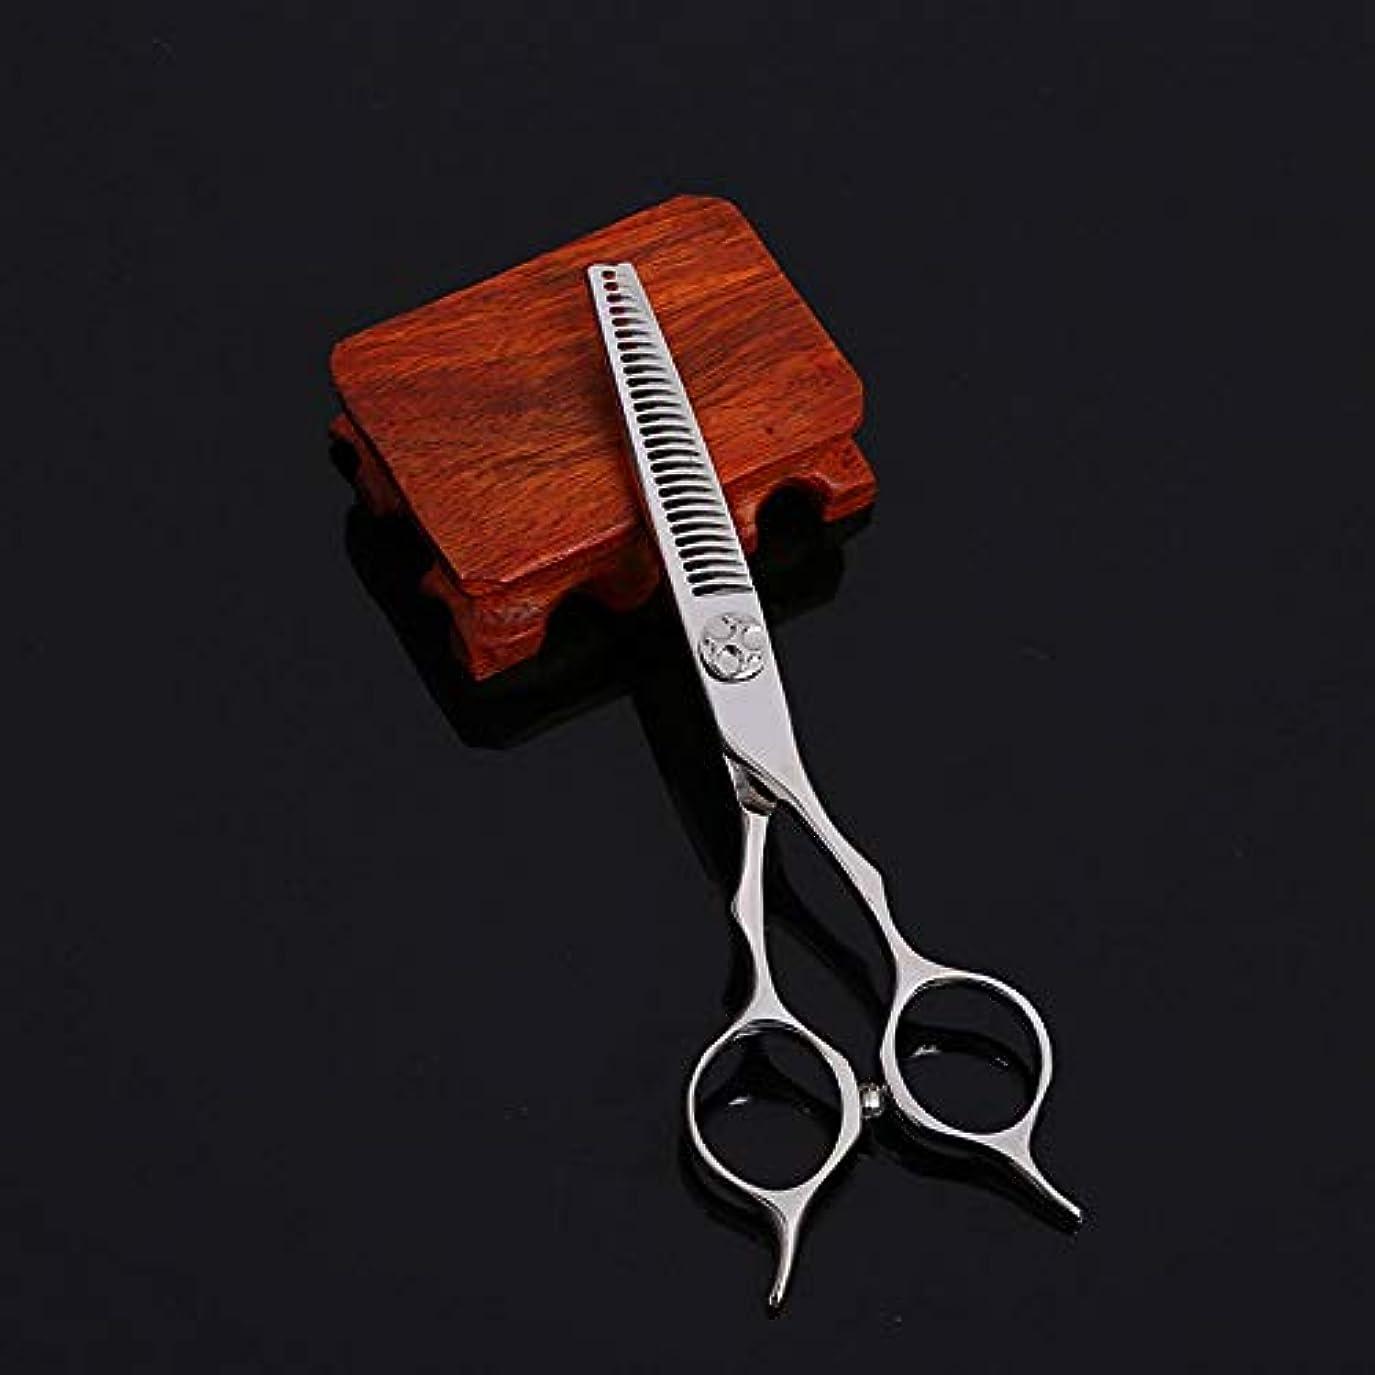 一緒解き明かすブロックWASAIO シアーズはさみセットヘアカット5.5インチカービング美容専門ステンレス鋼理容美容サロンテクスチャーレイザーエッジシザー髪 (色 : Silver)